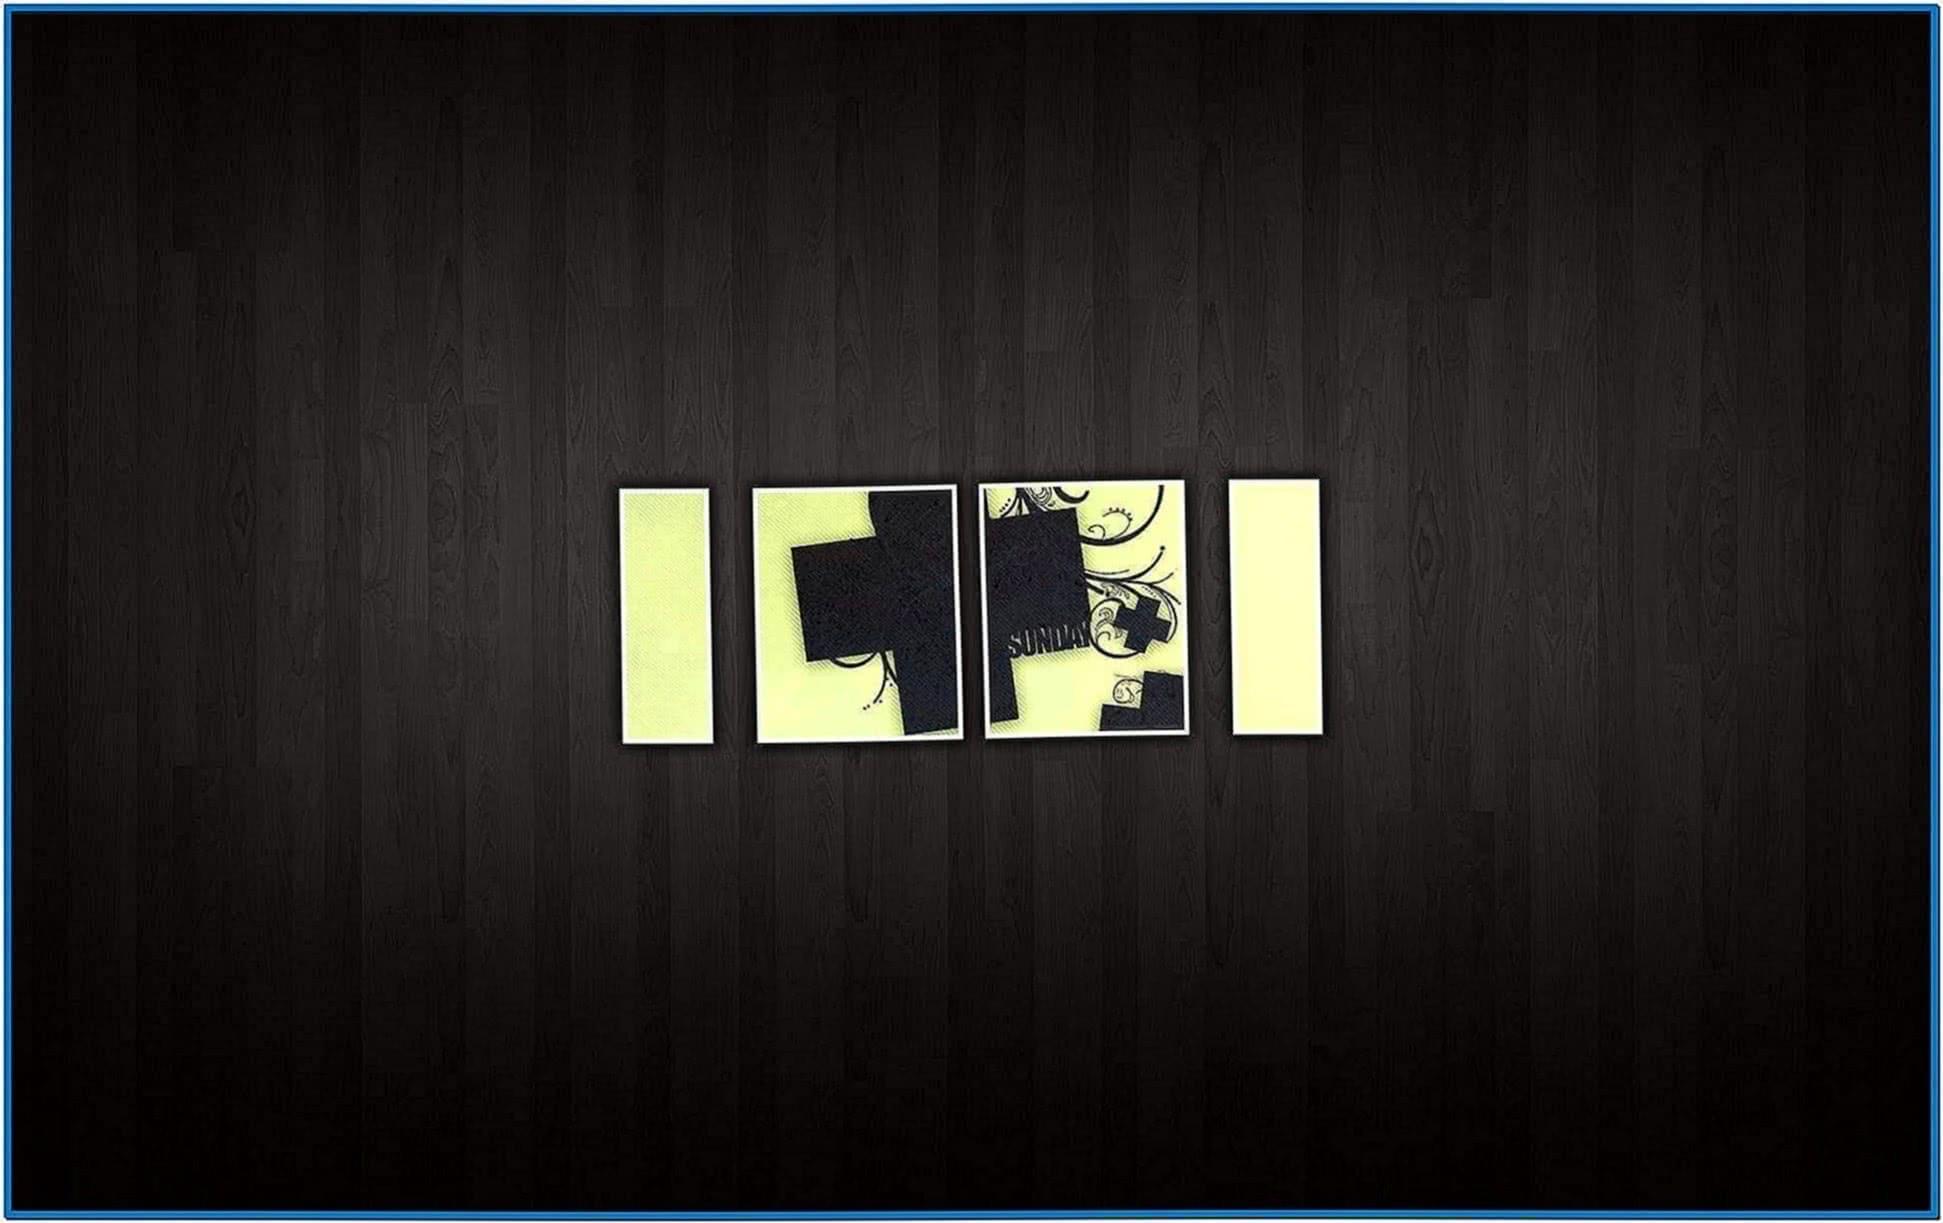 Mac Christmas Wallpapers and Screensavers